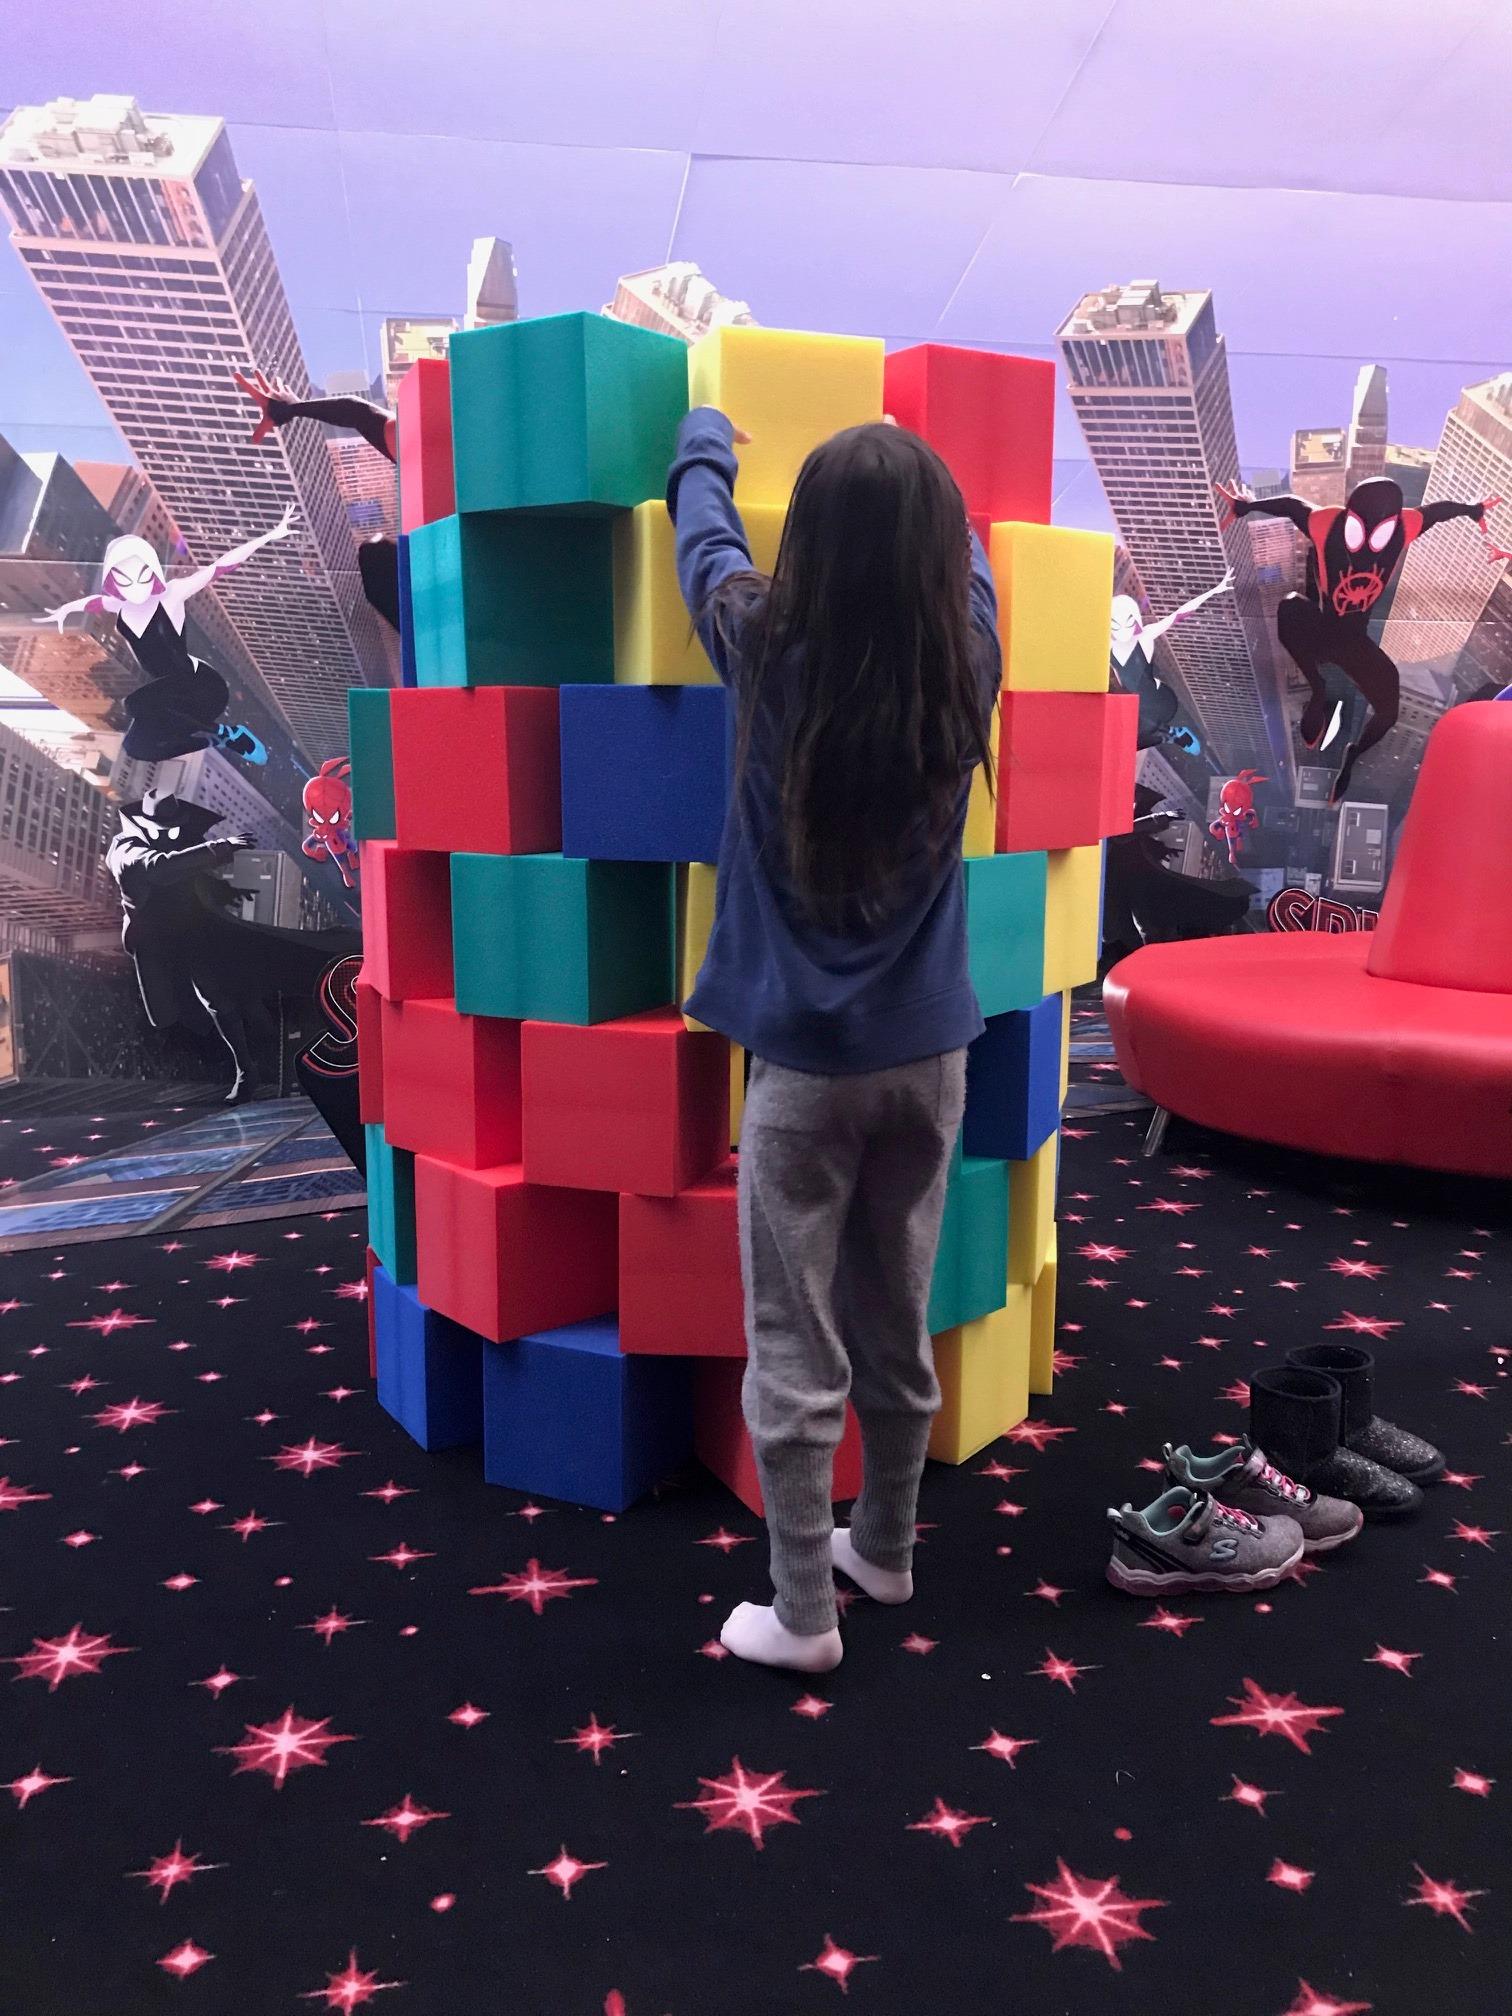 Turm Bauen Spiel